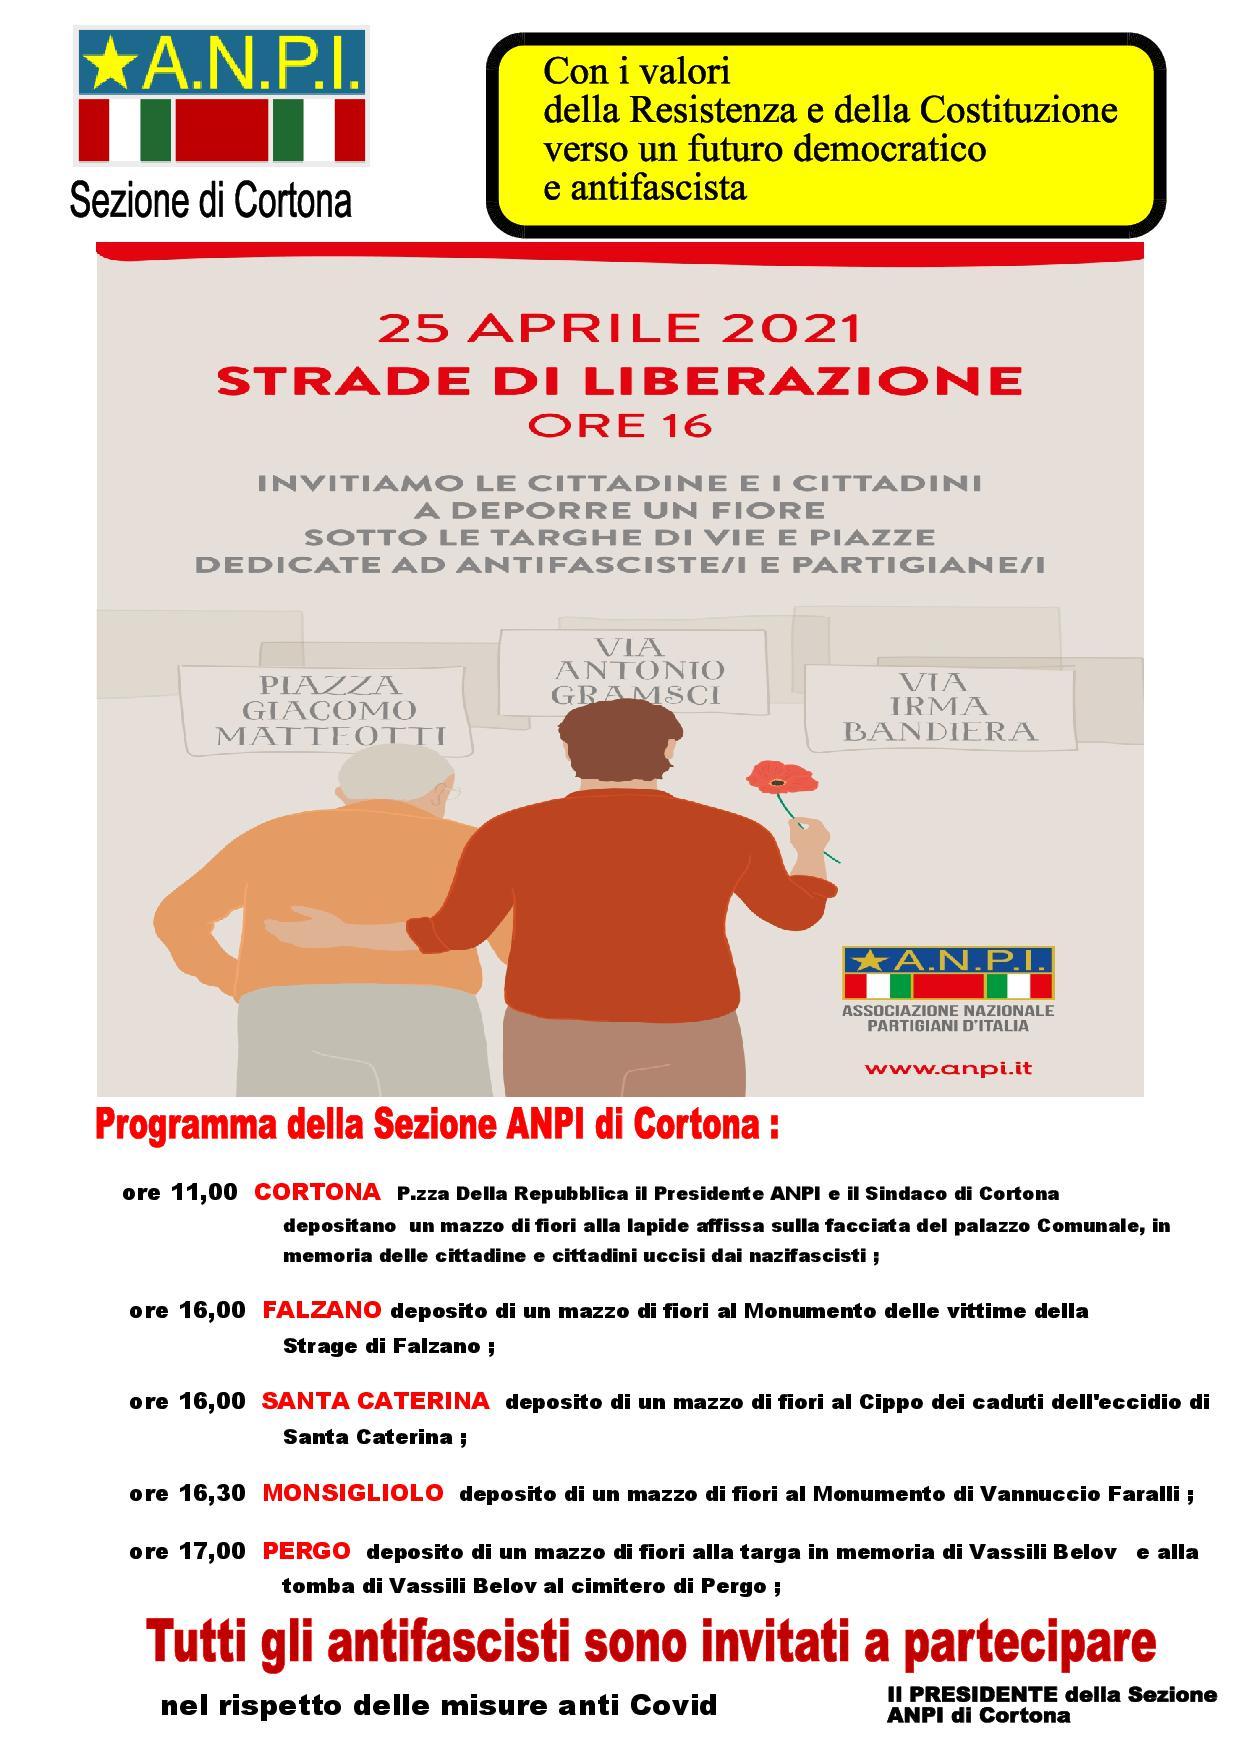 Le iniziative della Sezione ANPI di Cortona per il 25 Aprile